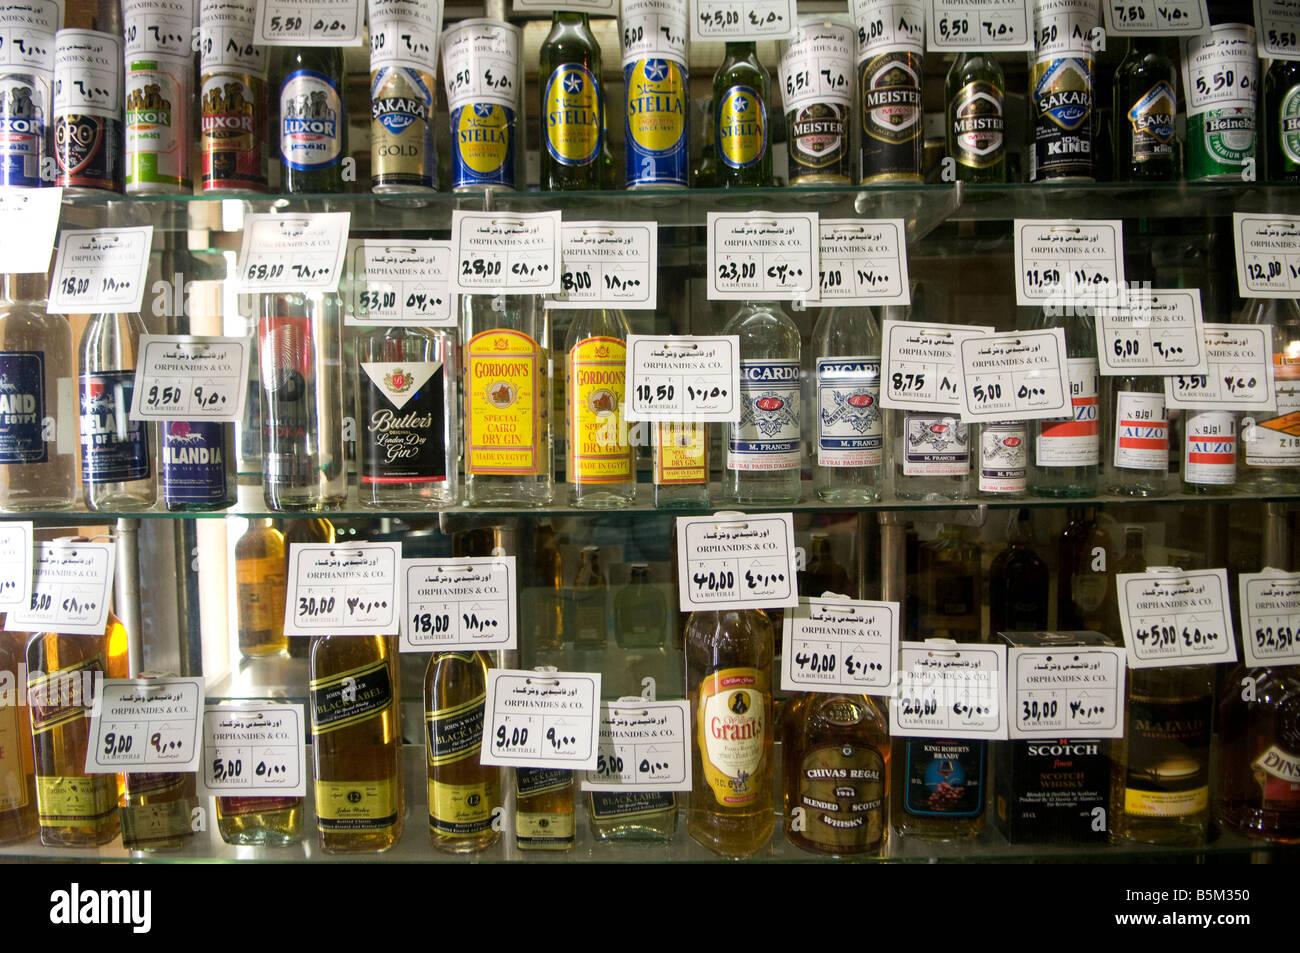 Alkoholische Getränk in einem Alkohol shop in Kairo Ägypten ...